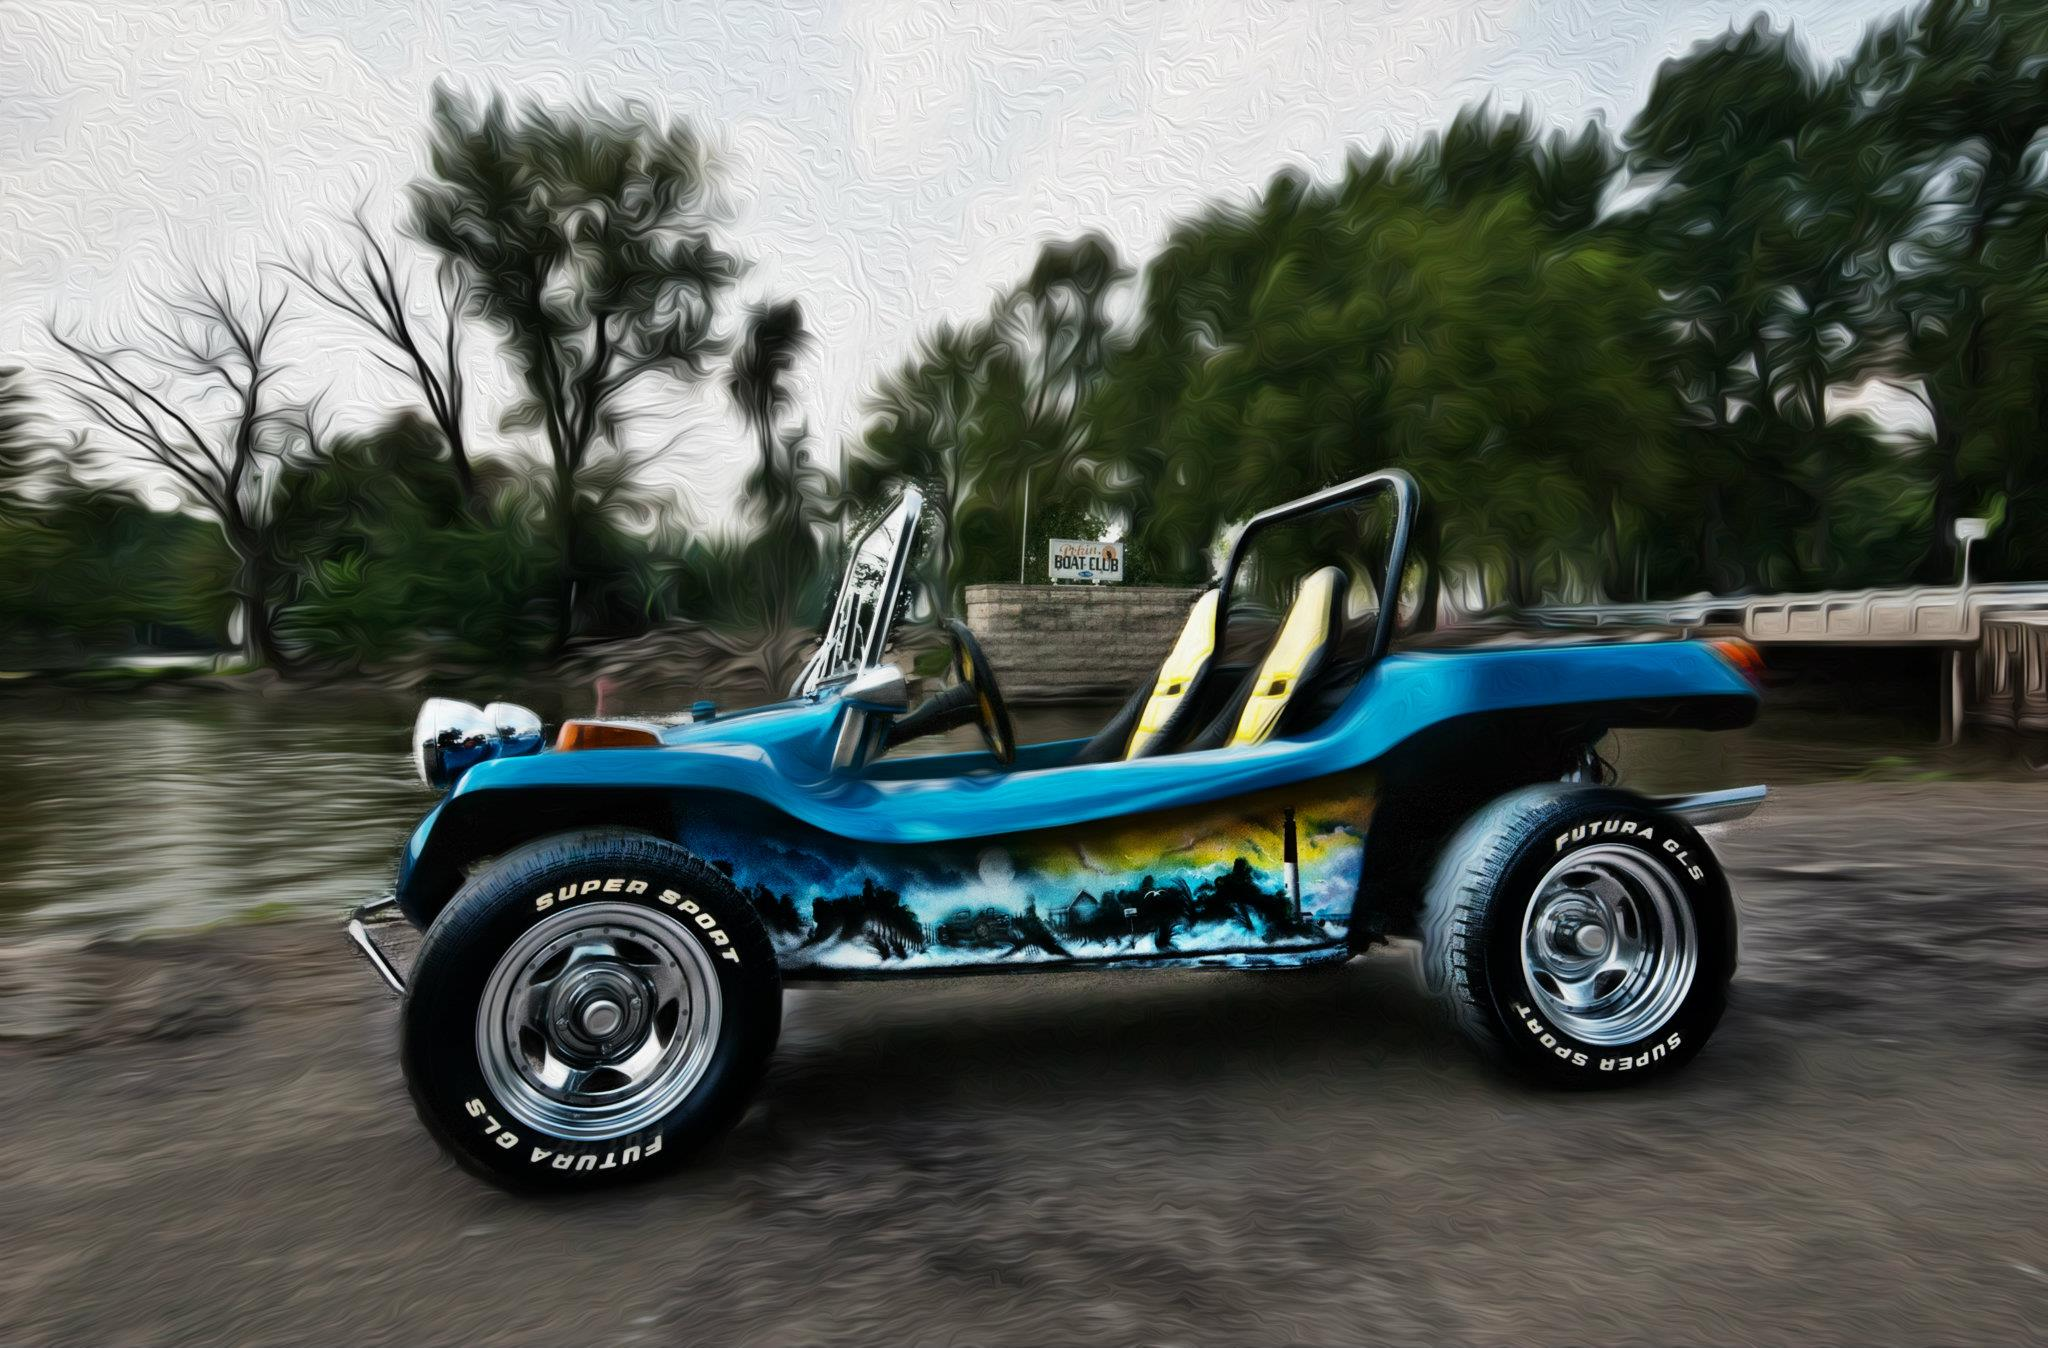 1974 VW Dune Buggy by jabab on DeviantArt